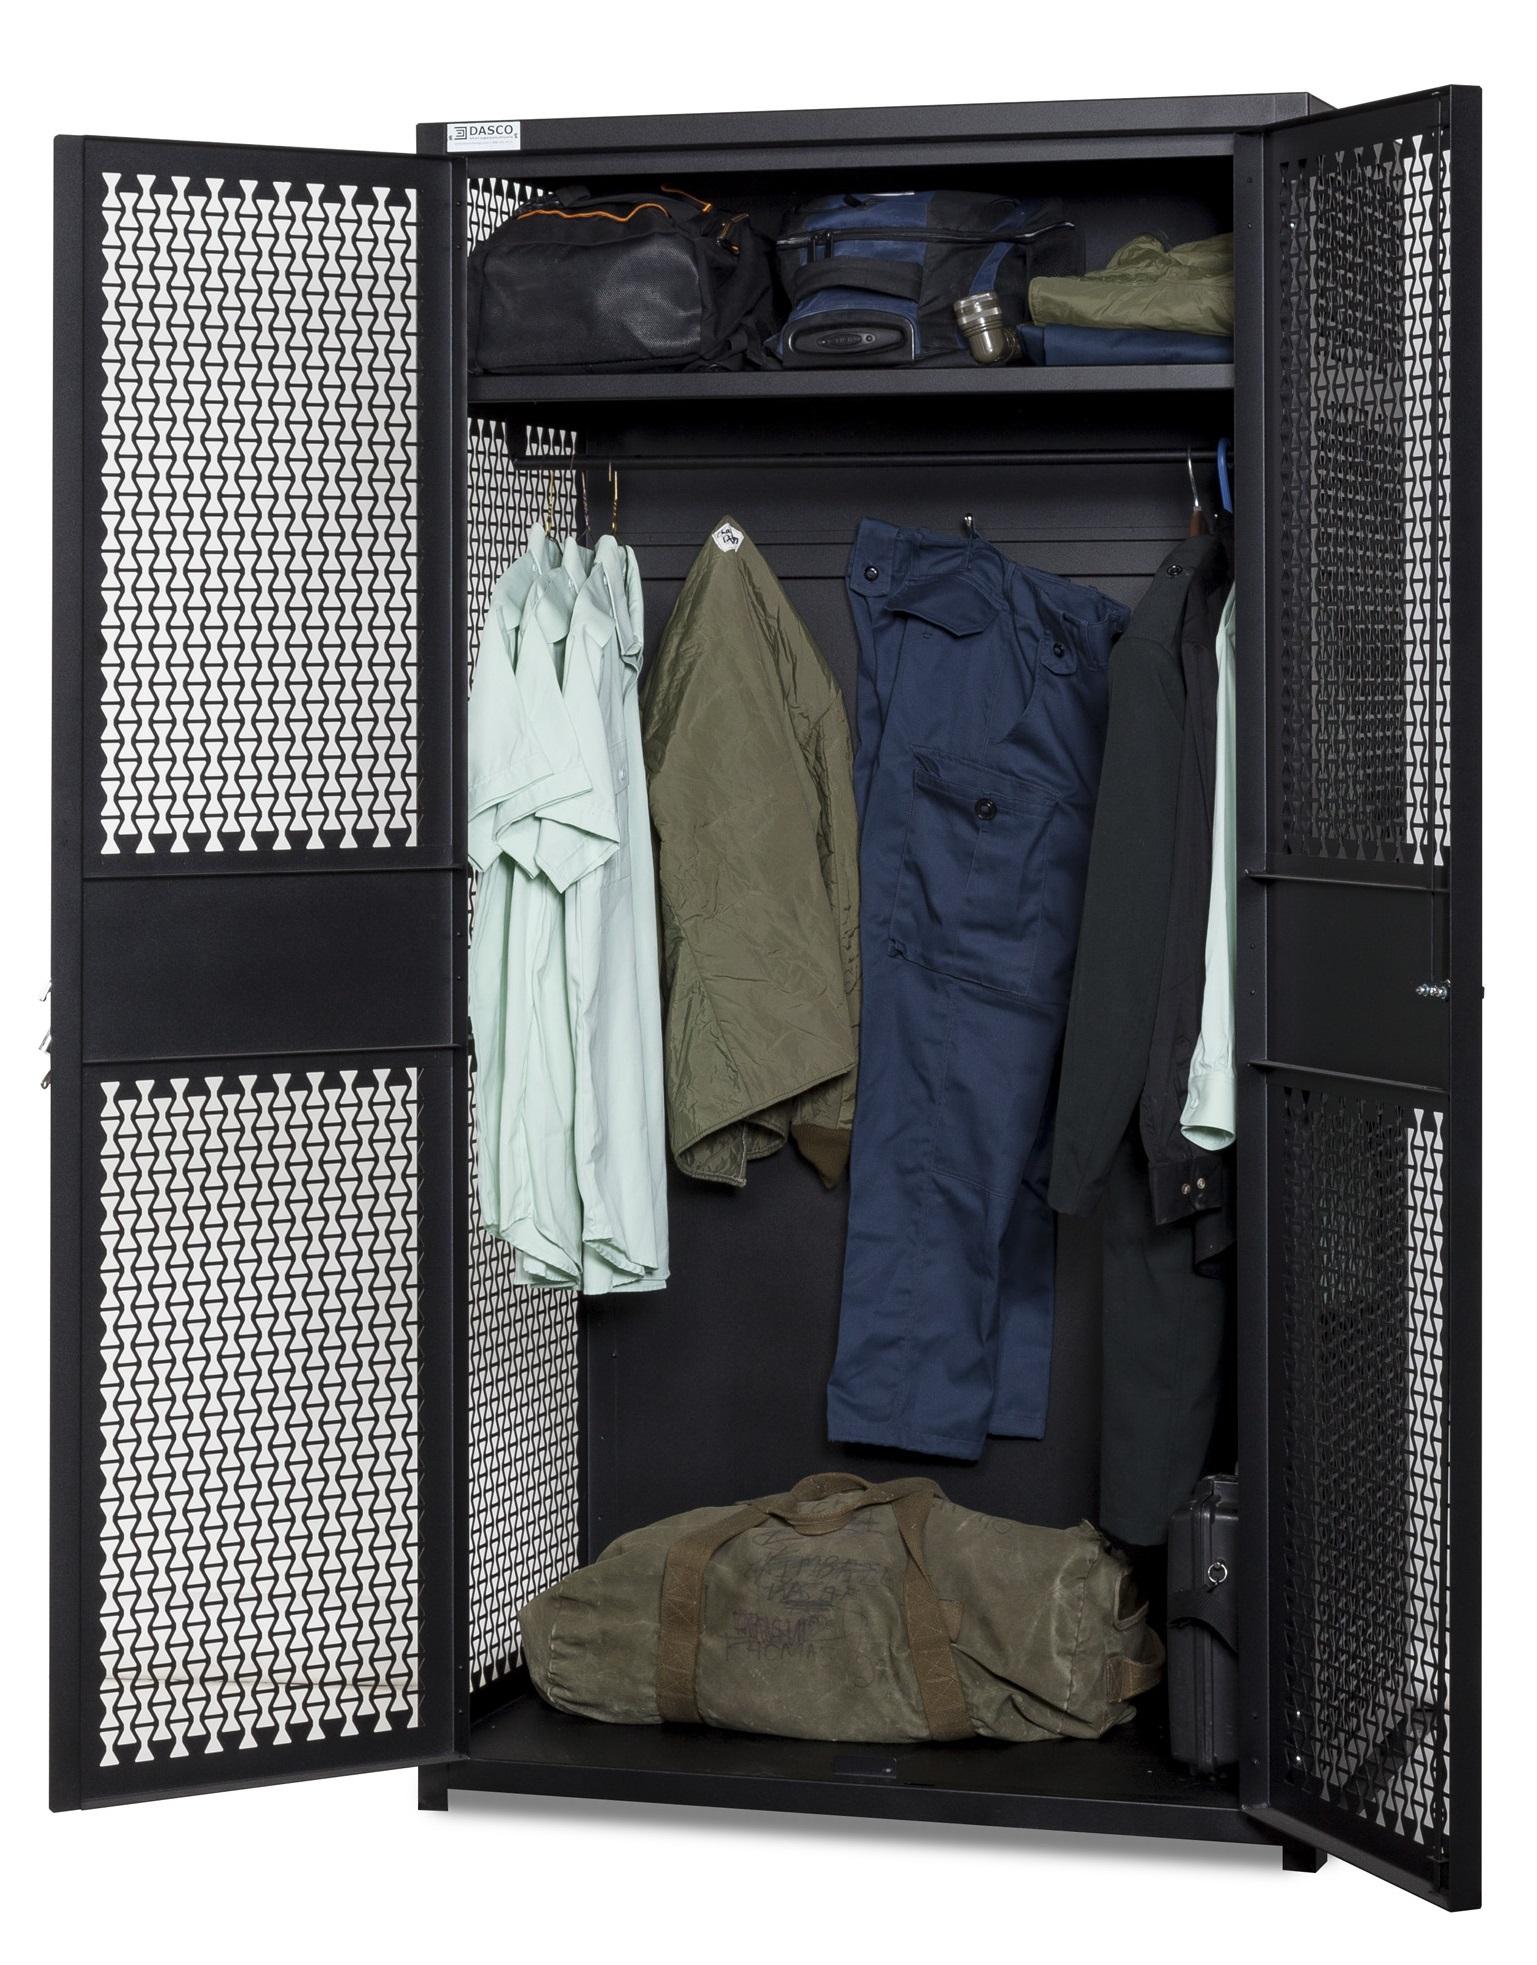 Open TA-50 Storage Locker With Gear